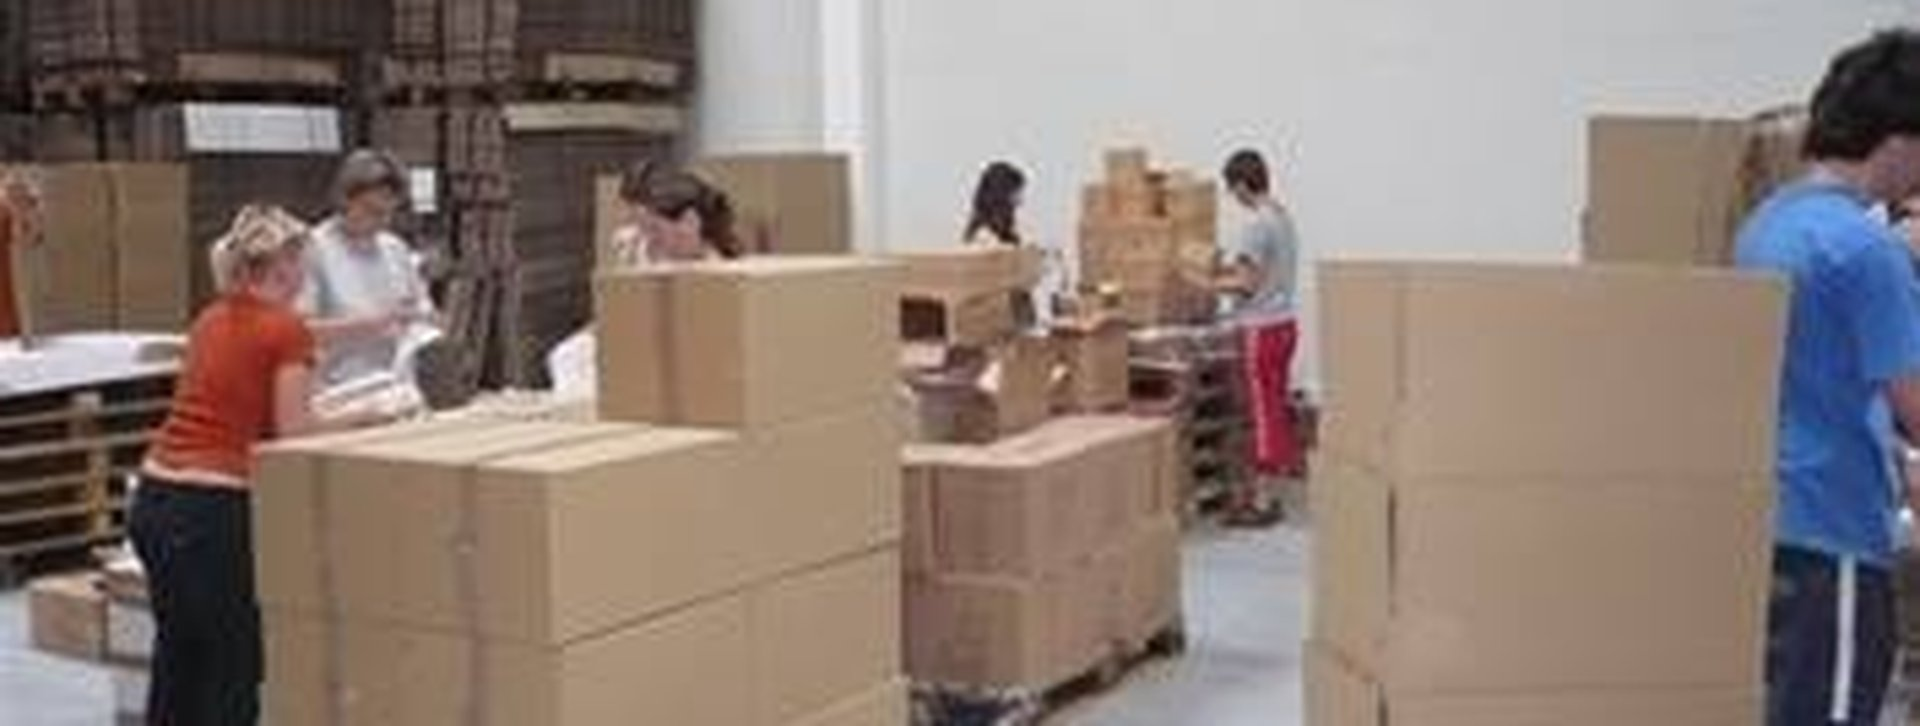 pronajem-temperovaneho-skladu-se-sluzbami-5-500-m2-tuchomerice-praha-zapad-1924